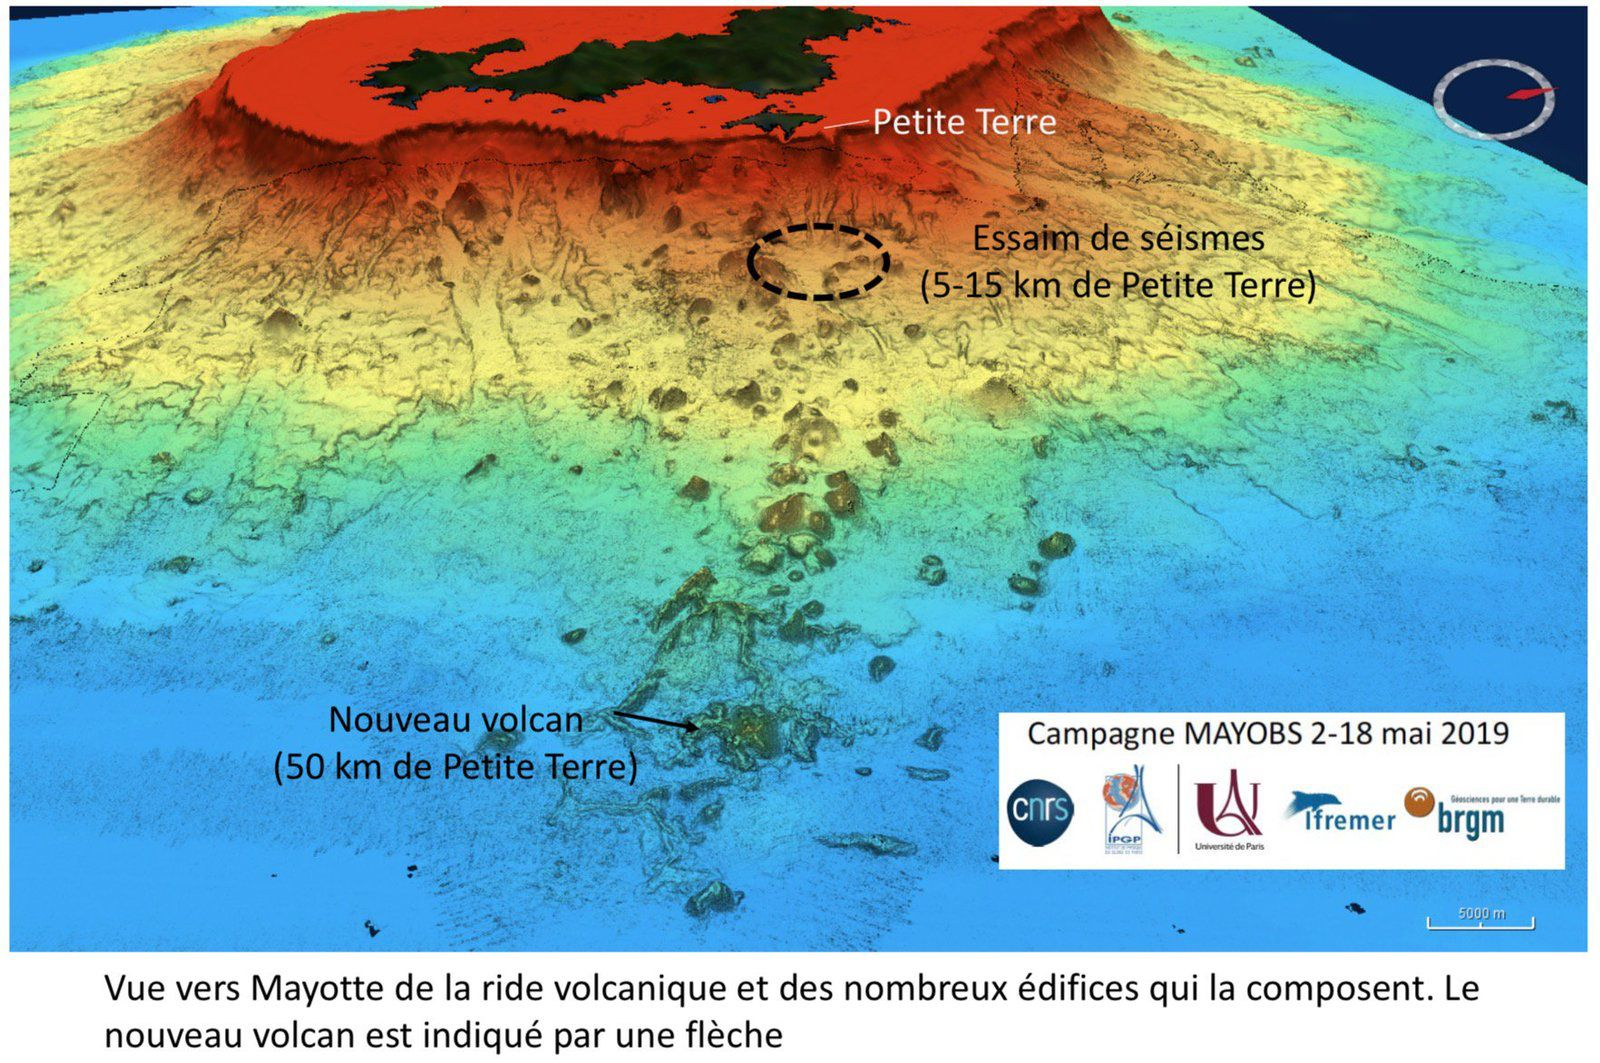 Pour Mémoire : Campagne MAYOBS - CNRS / IPGP / IFREMER / BRGM / Univ Paris 02 au 18.05.2019